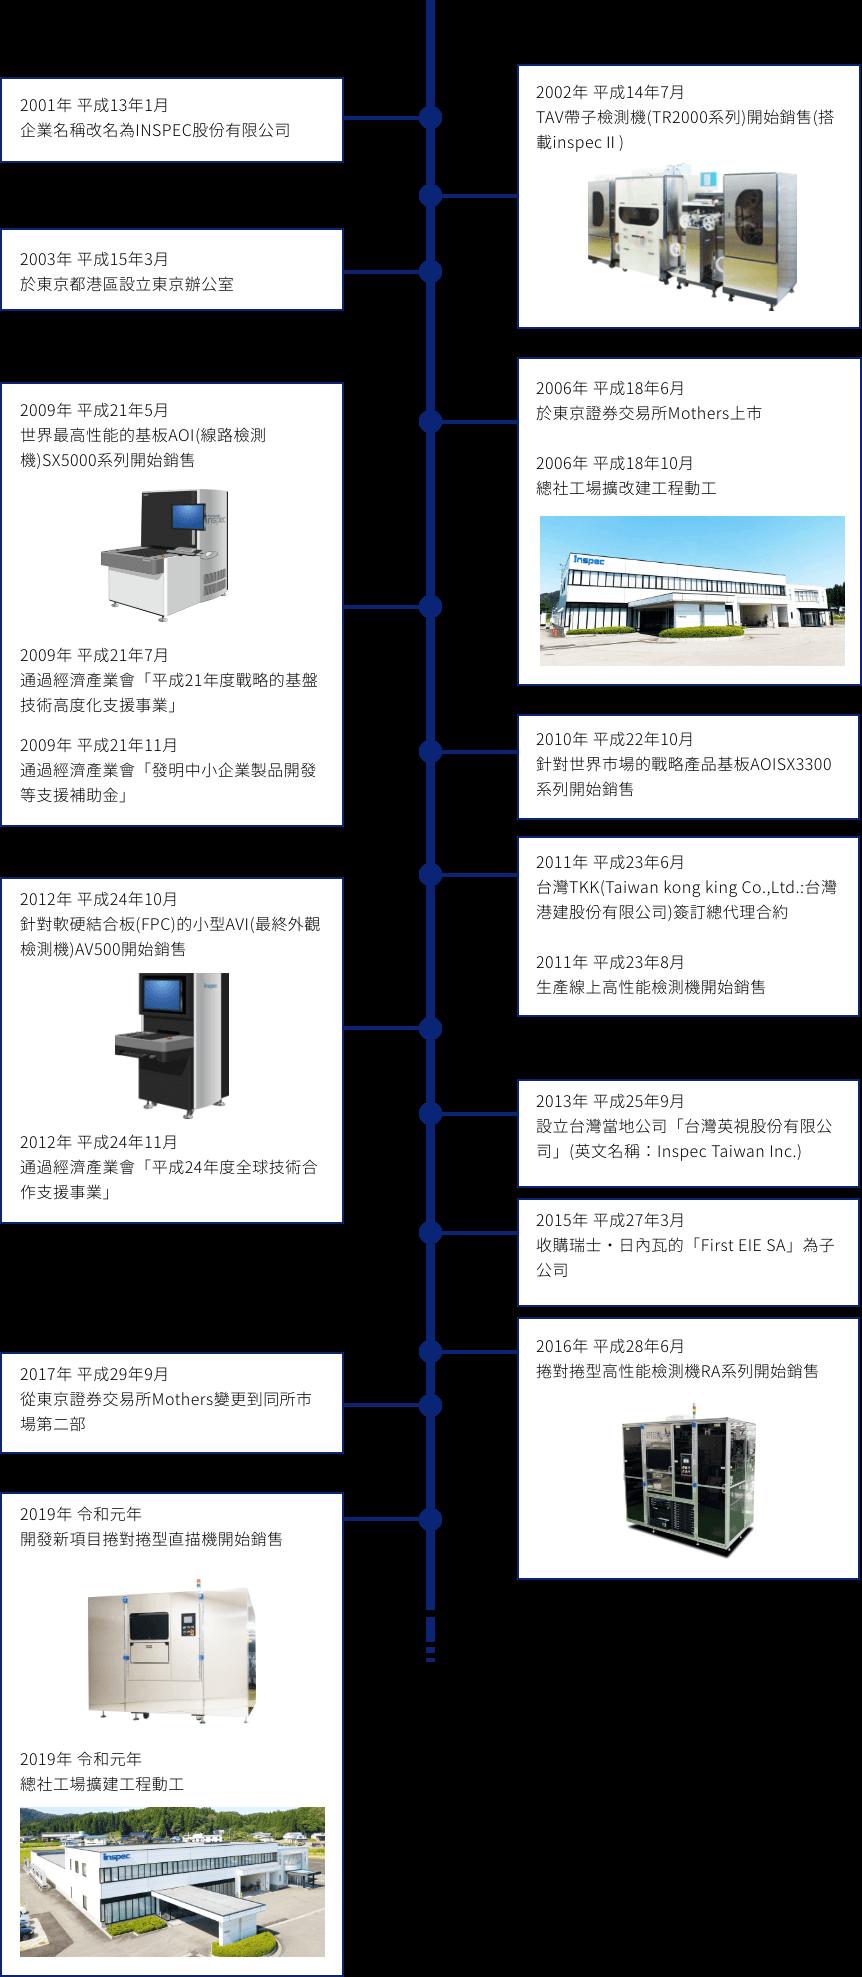 2001年 平成13年1月 企業名稱改名為INSPEC股份有限公司 2002年 平成14年7月 TAV帶子檢測機(TR2000系列)開始銷售(搭載inspecⅡ) 2003年 平成15年3月 於東京都港區設立東京辦公室 2006年 平成18年6月 於東京證券交易所Mothers上市 2006年 平成18年10月 總社工場擴改建工程動工 2009年 平成21年5月 世界最高性能的基板AOI(線路檢測機)SX5000系列開始銷售 2009年 平成21年7月 通過經濟產業會「平成21年度戰略的基盤技術高度化支援事業」 2009年 平成21年11月 通過經濟產業會「發明中小企業製品開發等支援補助金」 2010年 平成22年10月 針對世界市場的戰略產品基板AOISX3300系列開始銷售 2011年 平成23年6月 台灣TKK(Taiwan kong king Co.,Ltd.:台灣港建股份有限公司)簽訂總代理合約 2011年 平成23年8月 生產線上高性能檢測機開始銷售 2012年 平成24年10月 針對軟硬結合板(FPC)的小型AVI(最終外觀檢測機)AV500開始銷售 2012年 平成24年11月 通過經濟產業會「平成24年度全球技術合作支援事業」 2013年 平成25年9月 設立台灣當地公司「台灣英視股份有限公司」(英文名稱:Inspec Taiwan Inc.) 2015年 平成27年3月 收購瑞士・日內瓦的「First EIE SA」為子公司 2016年 平成28年6月 捲對捲型高性能檢測機RA系列開始銷售 2017年 平成29年9月 從東京證券交易所Mothers變更到同所市場第二部 2019年 令和元年 開發新項目捲對捲型直描機開始銷售 2019年 令和元年 總社工場擴建工程動工